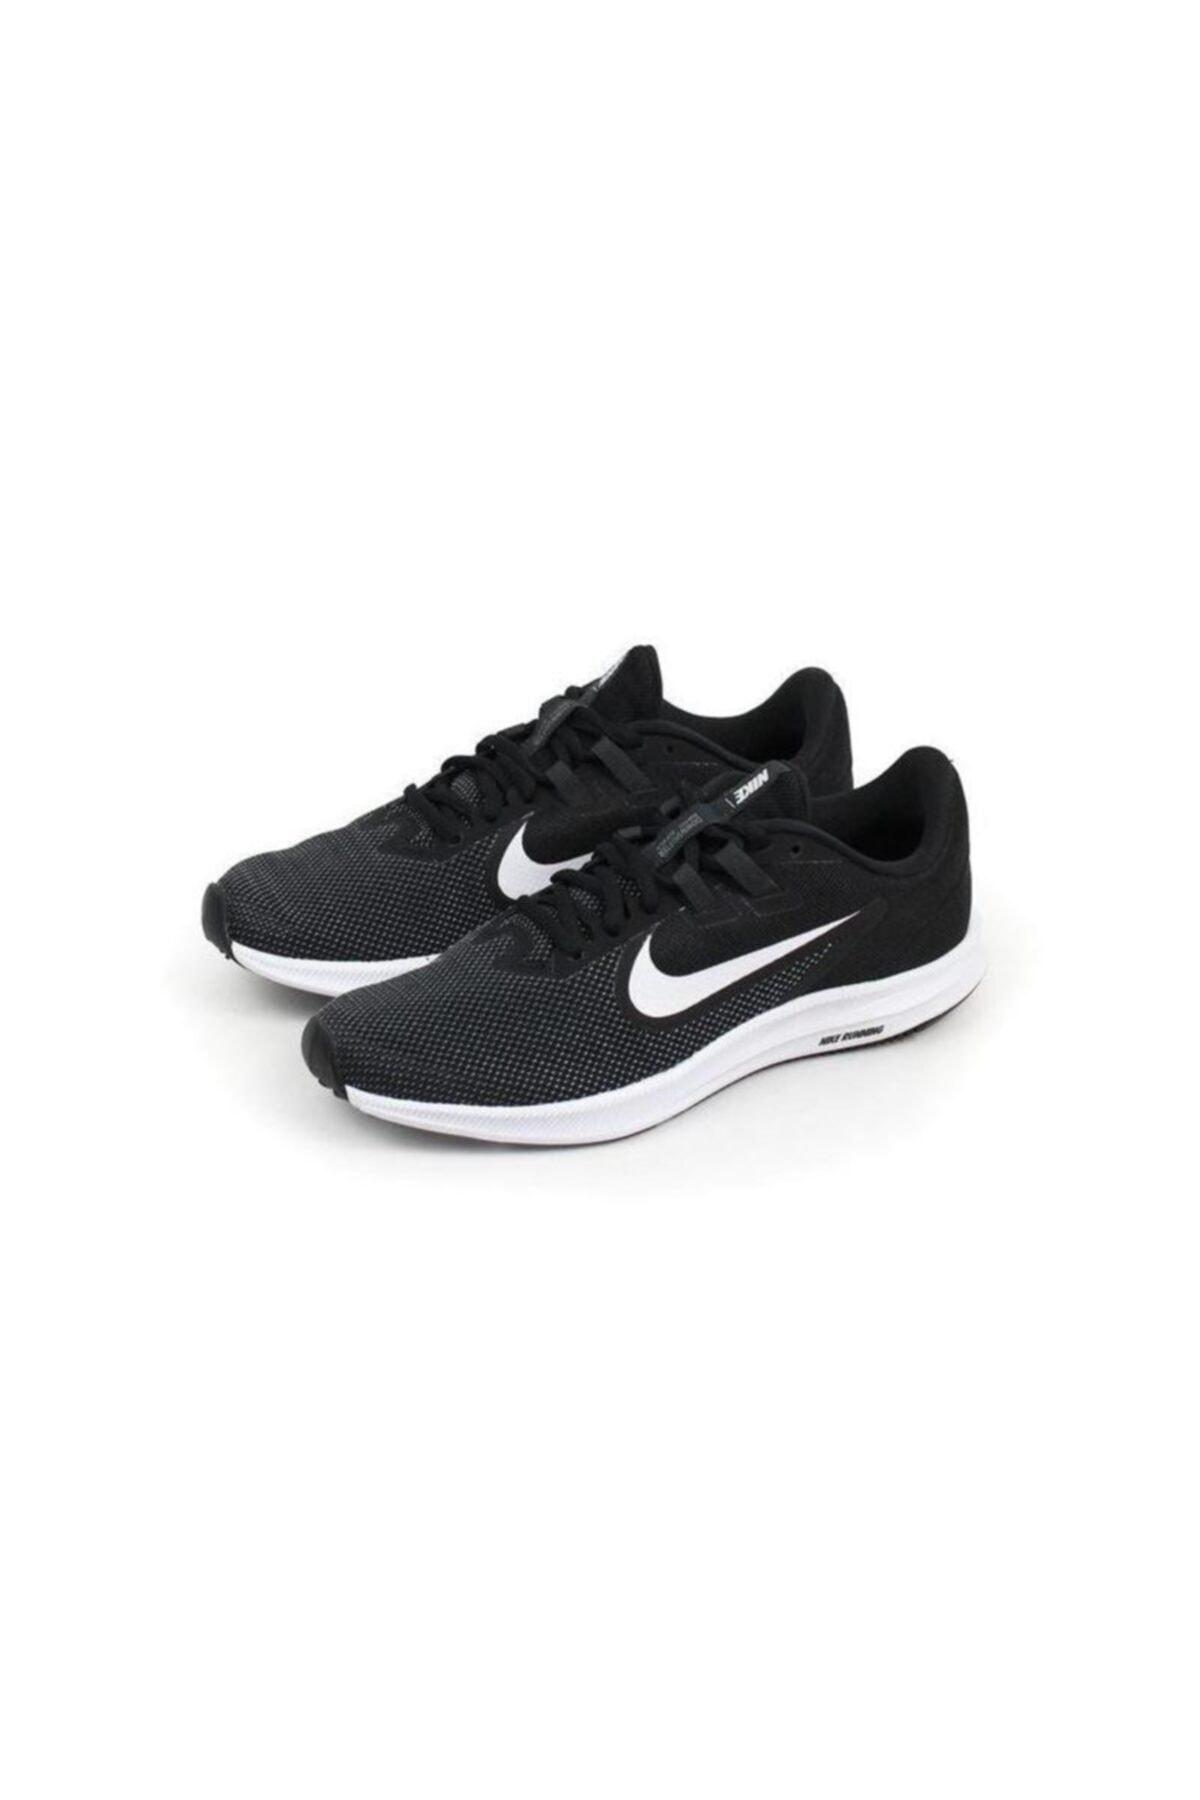 Nike Erkek Koşu Ayakkabısı Nıke Wmns Downshıfter 9 2